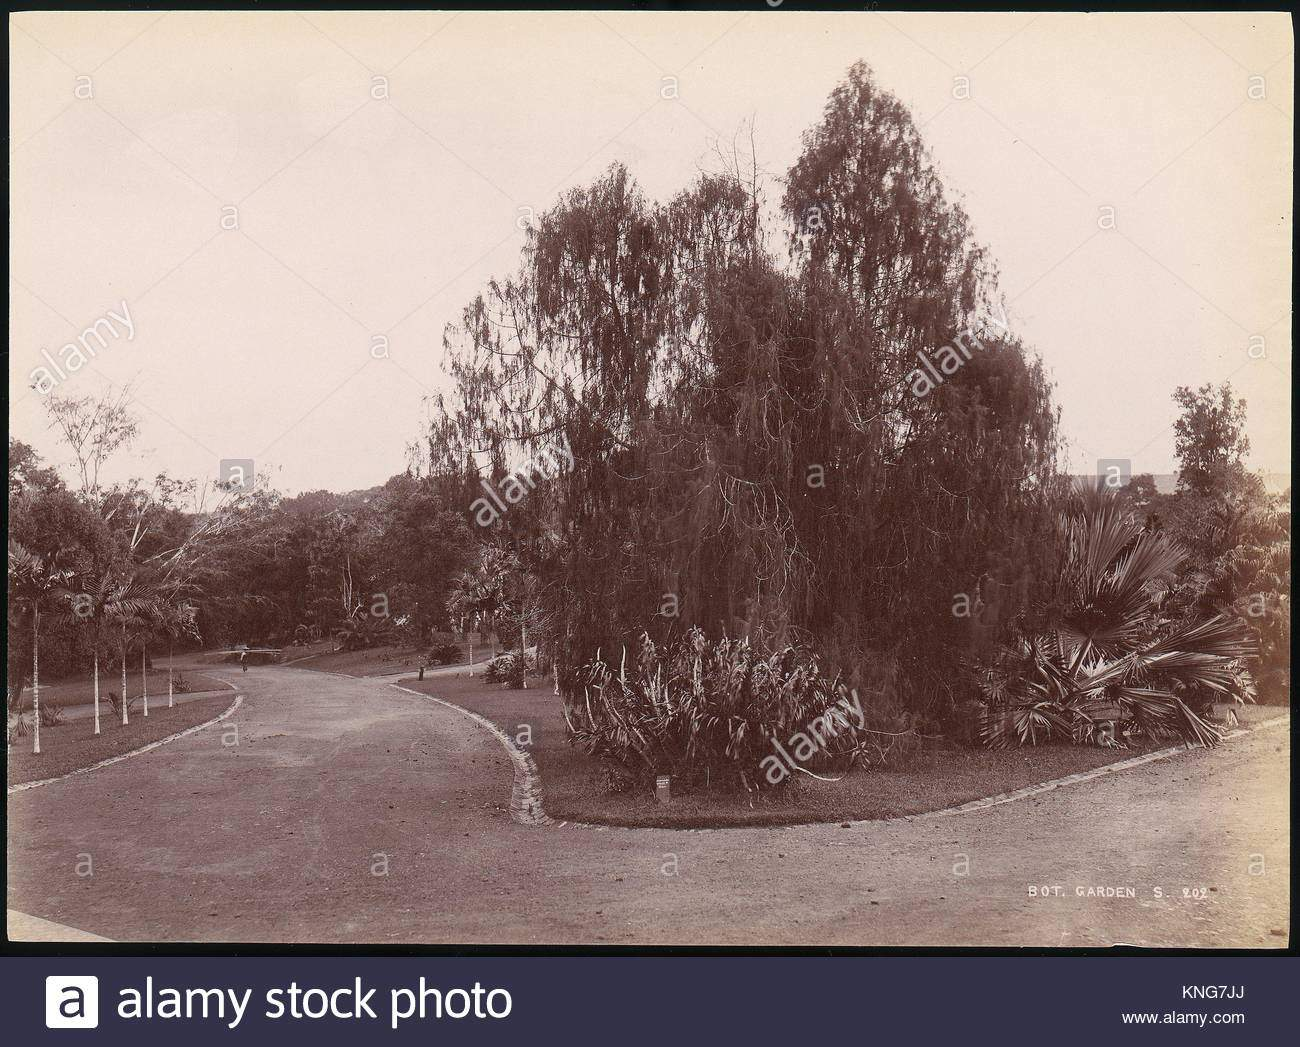 botanischer garten artist unbekannt datum 1860s 70s medium eiweiss silber drucken aus glas negative abmessungen 199 x 272 cm 7 1316 x 10 1116 kng7jj